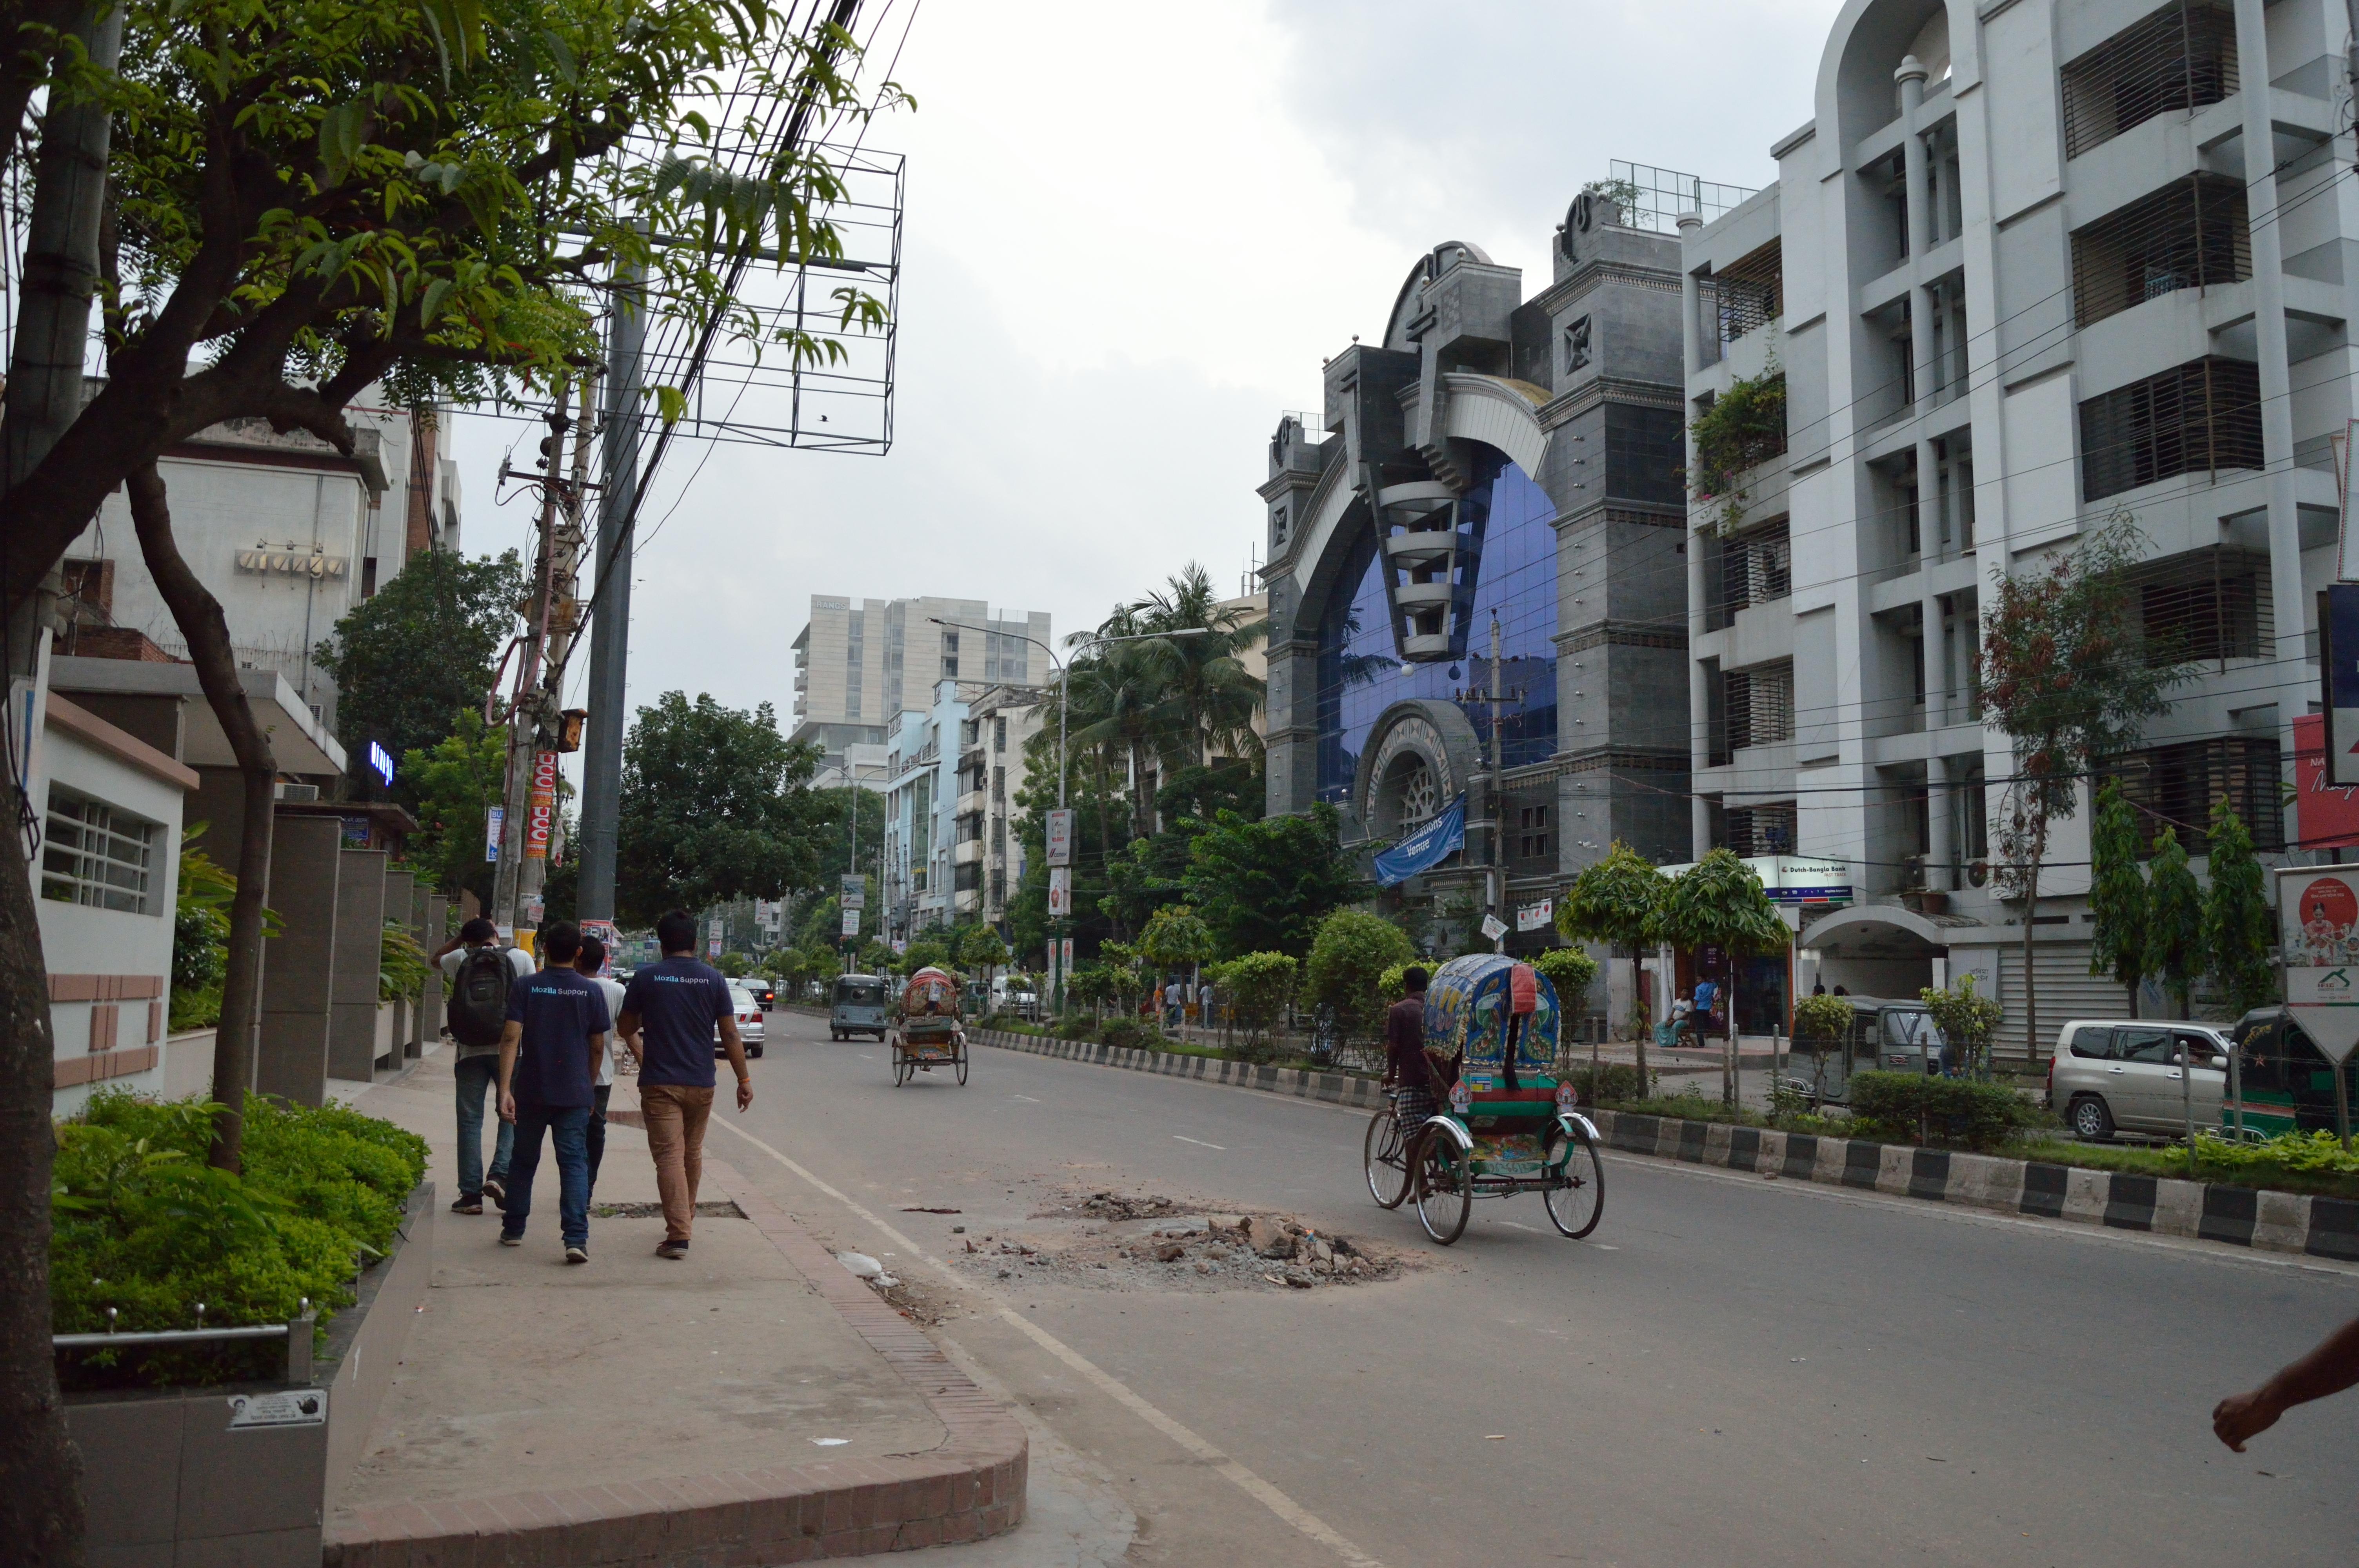 Dhanmondi City